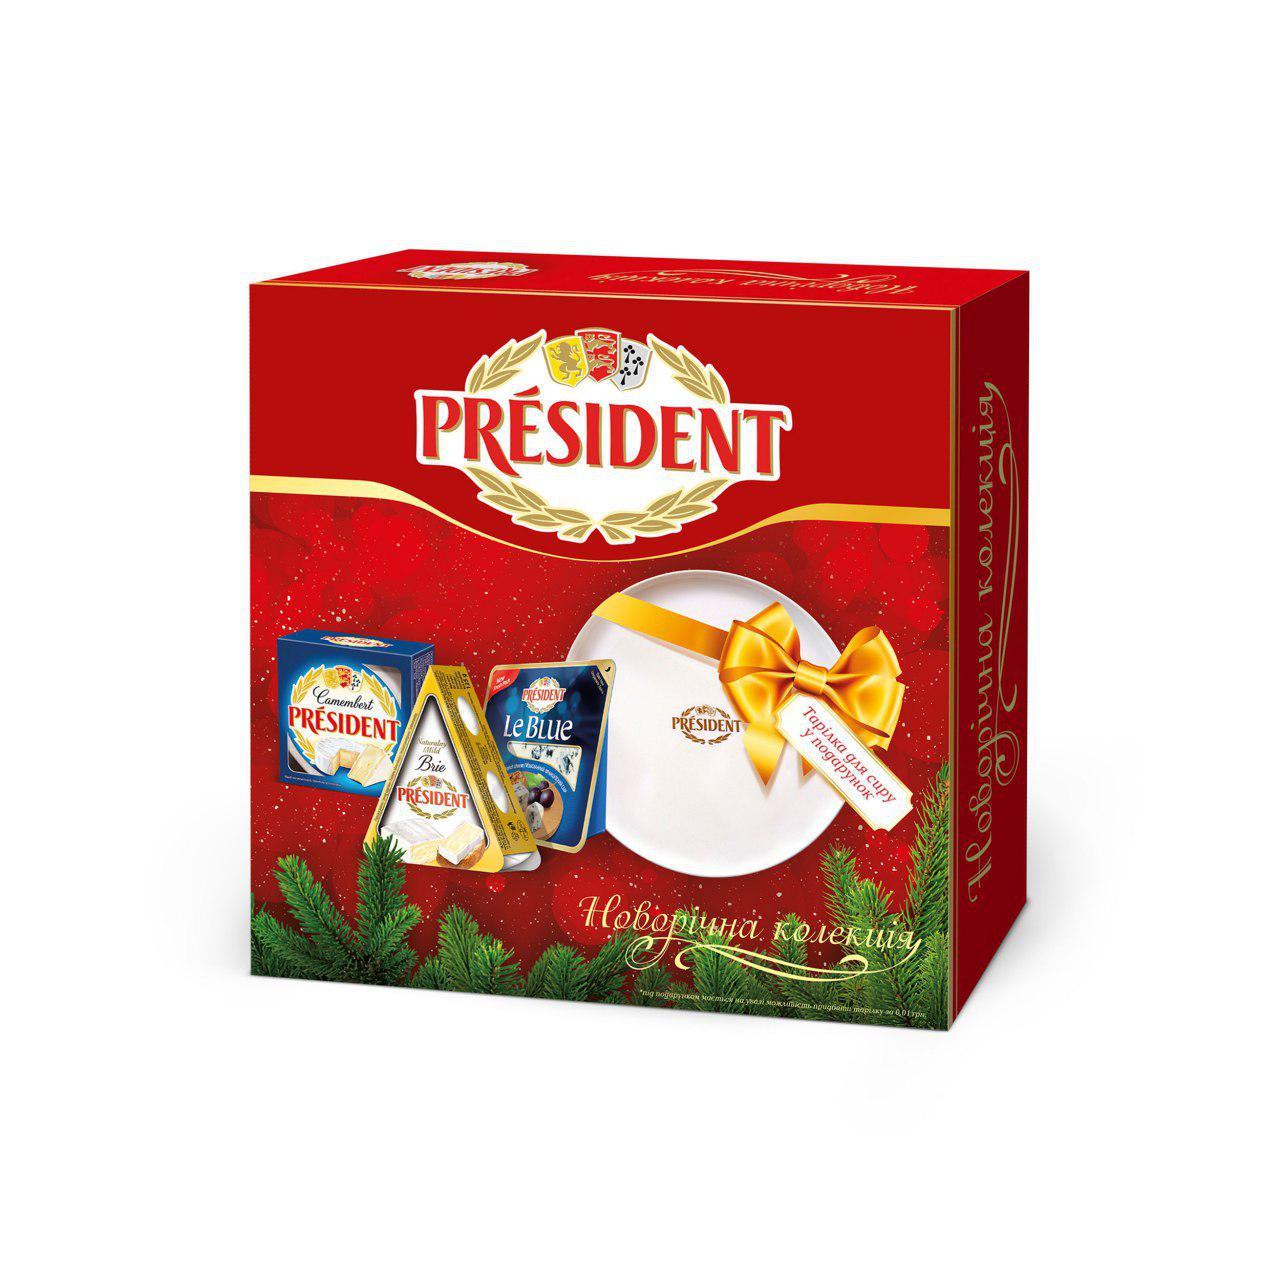 Набір сирів Президент Камамбер 90г, Брі 125г, Ле Блю 100г з подарунком